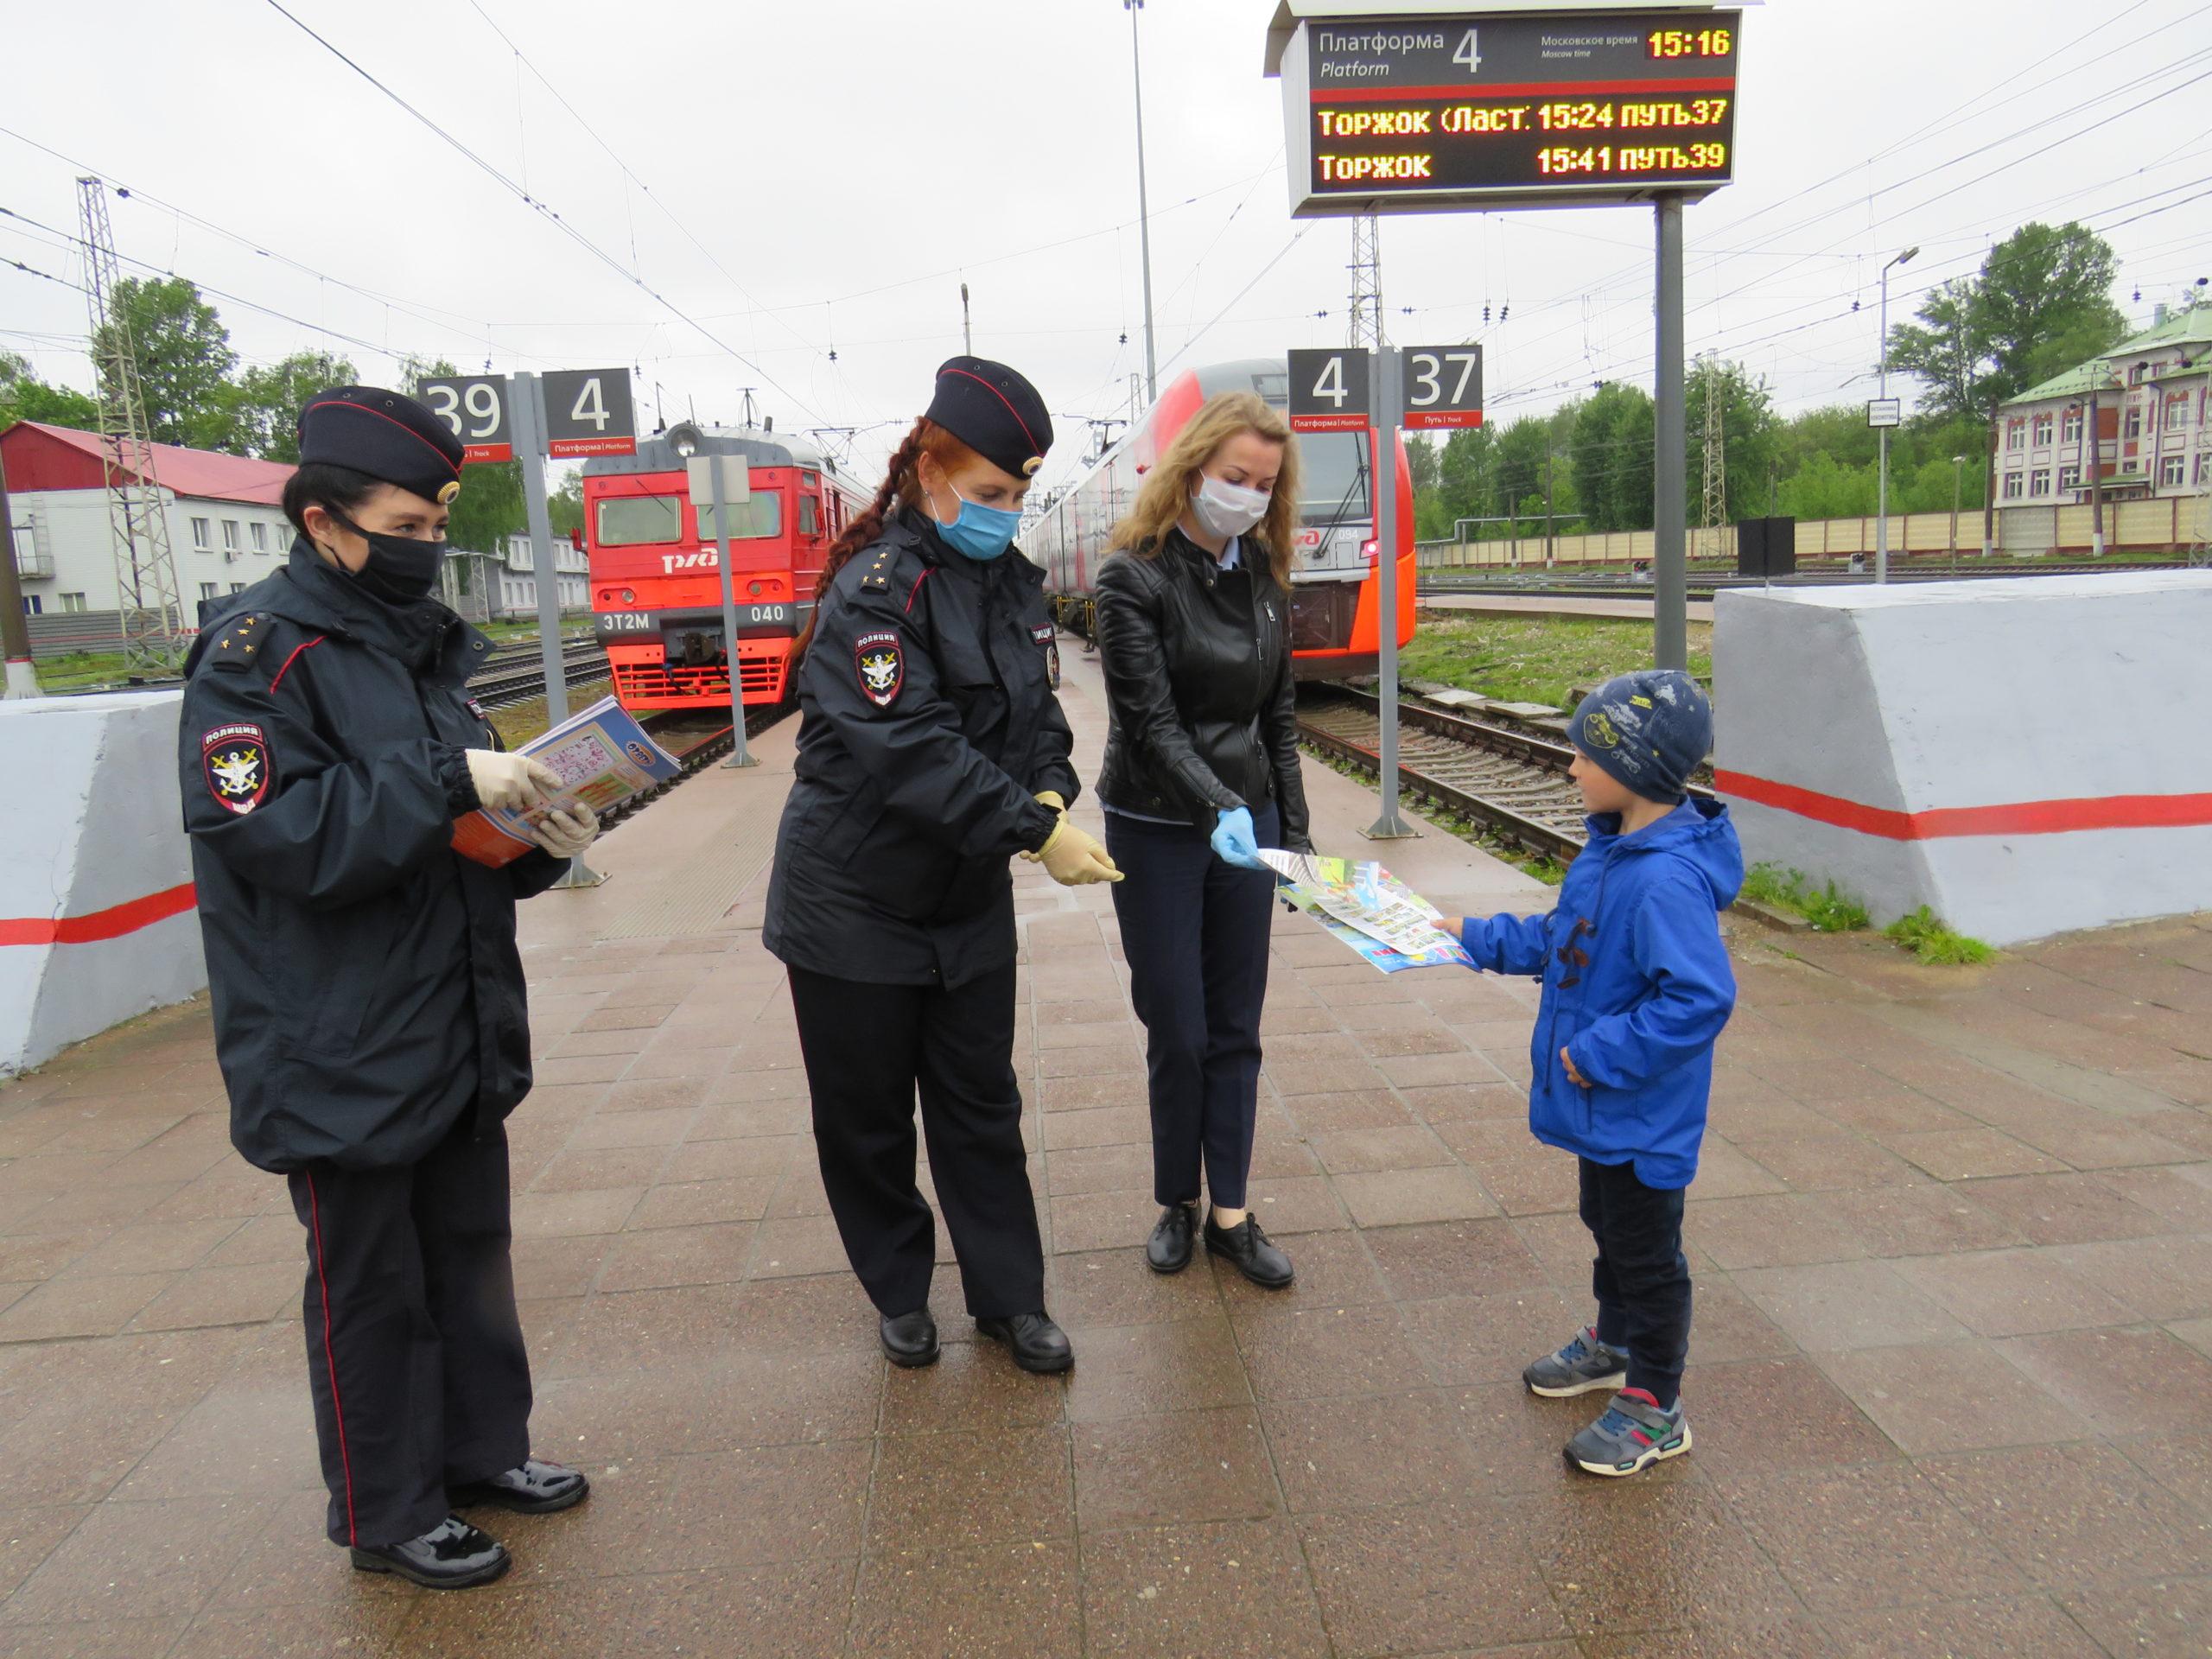 Профилактическое мероприятие«Дети и транспорт» проходит вТвери на железнодорожном вокзале